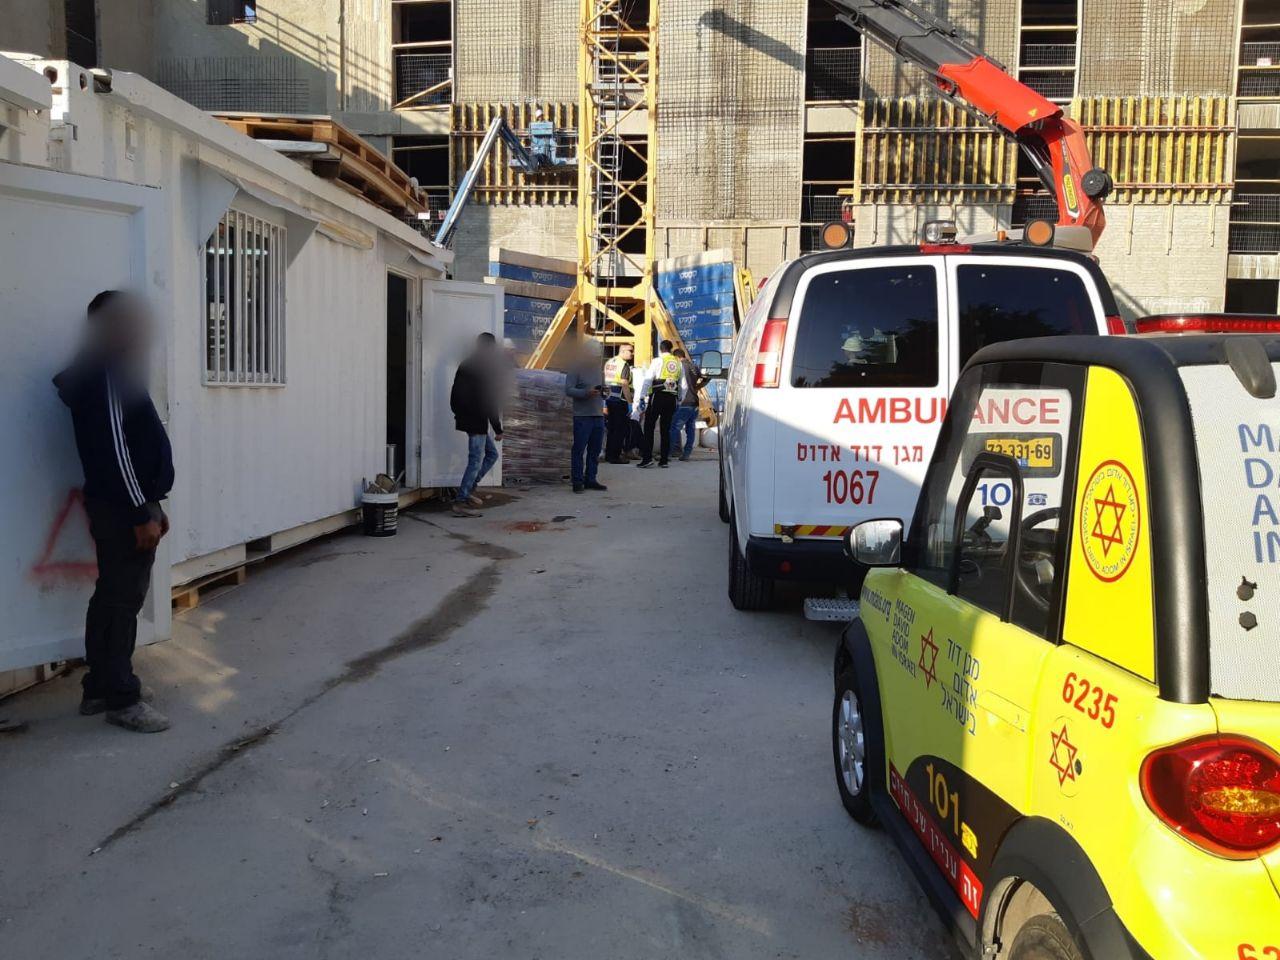 Photo of פועל נפגע ממוט ברזל באתר בנייה בקרית אריה, הוא פונה מהמקום במצב קל-בינוני